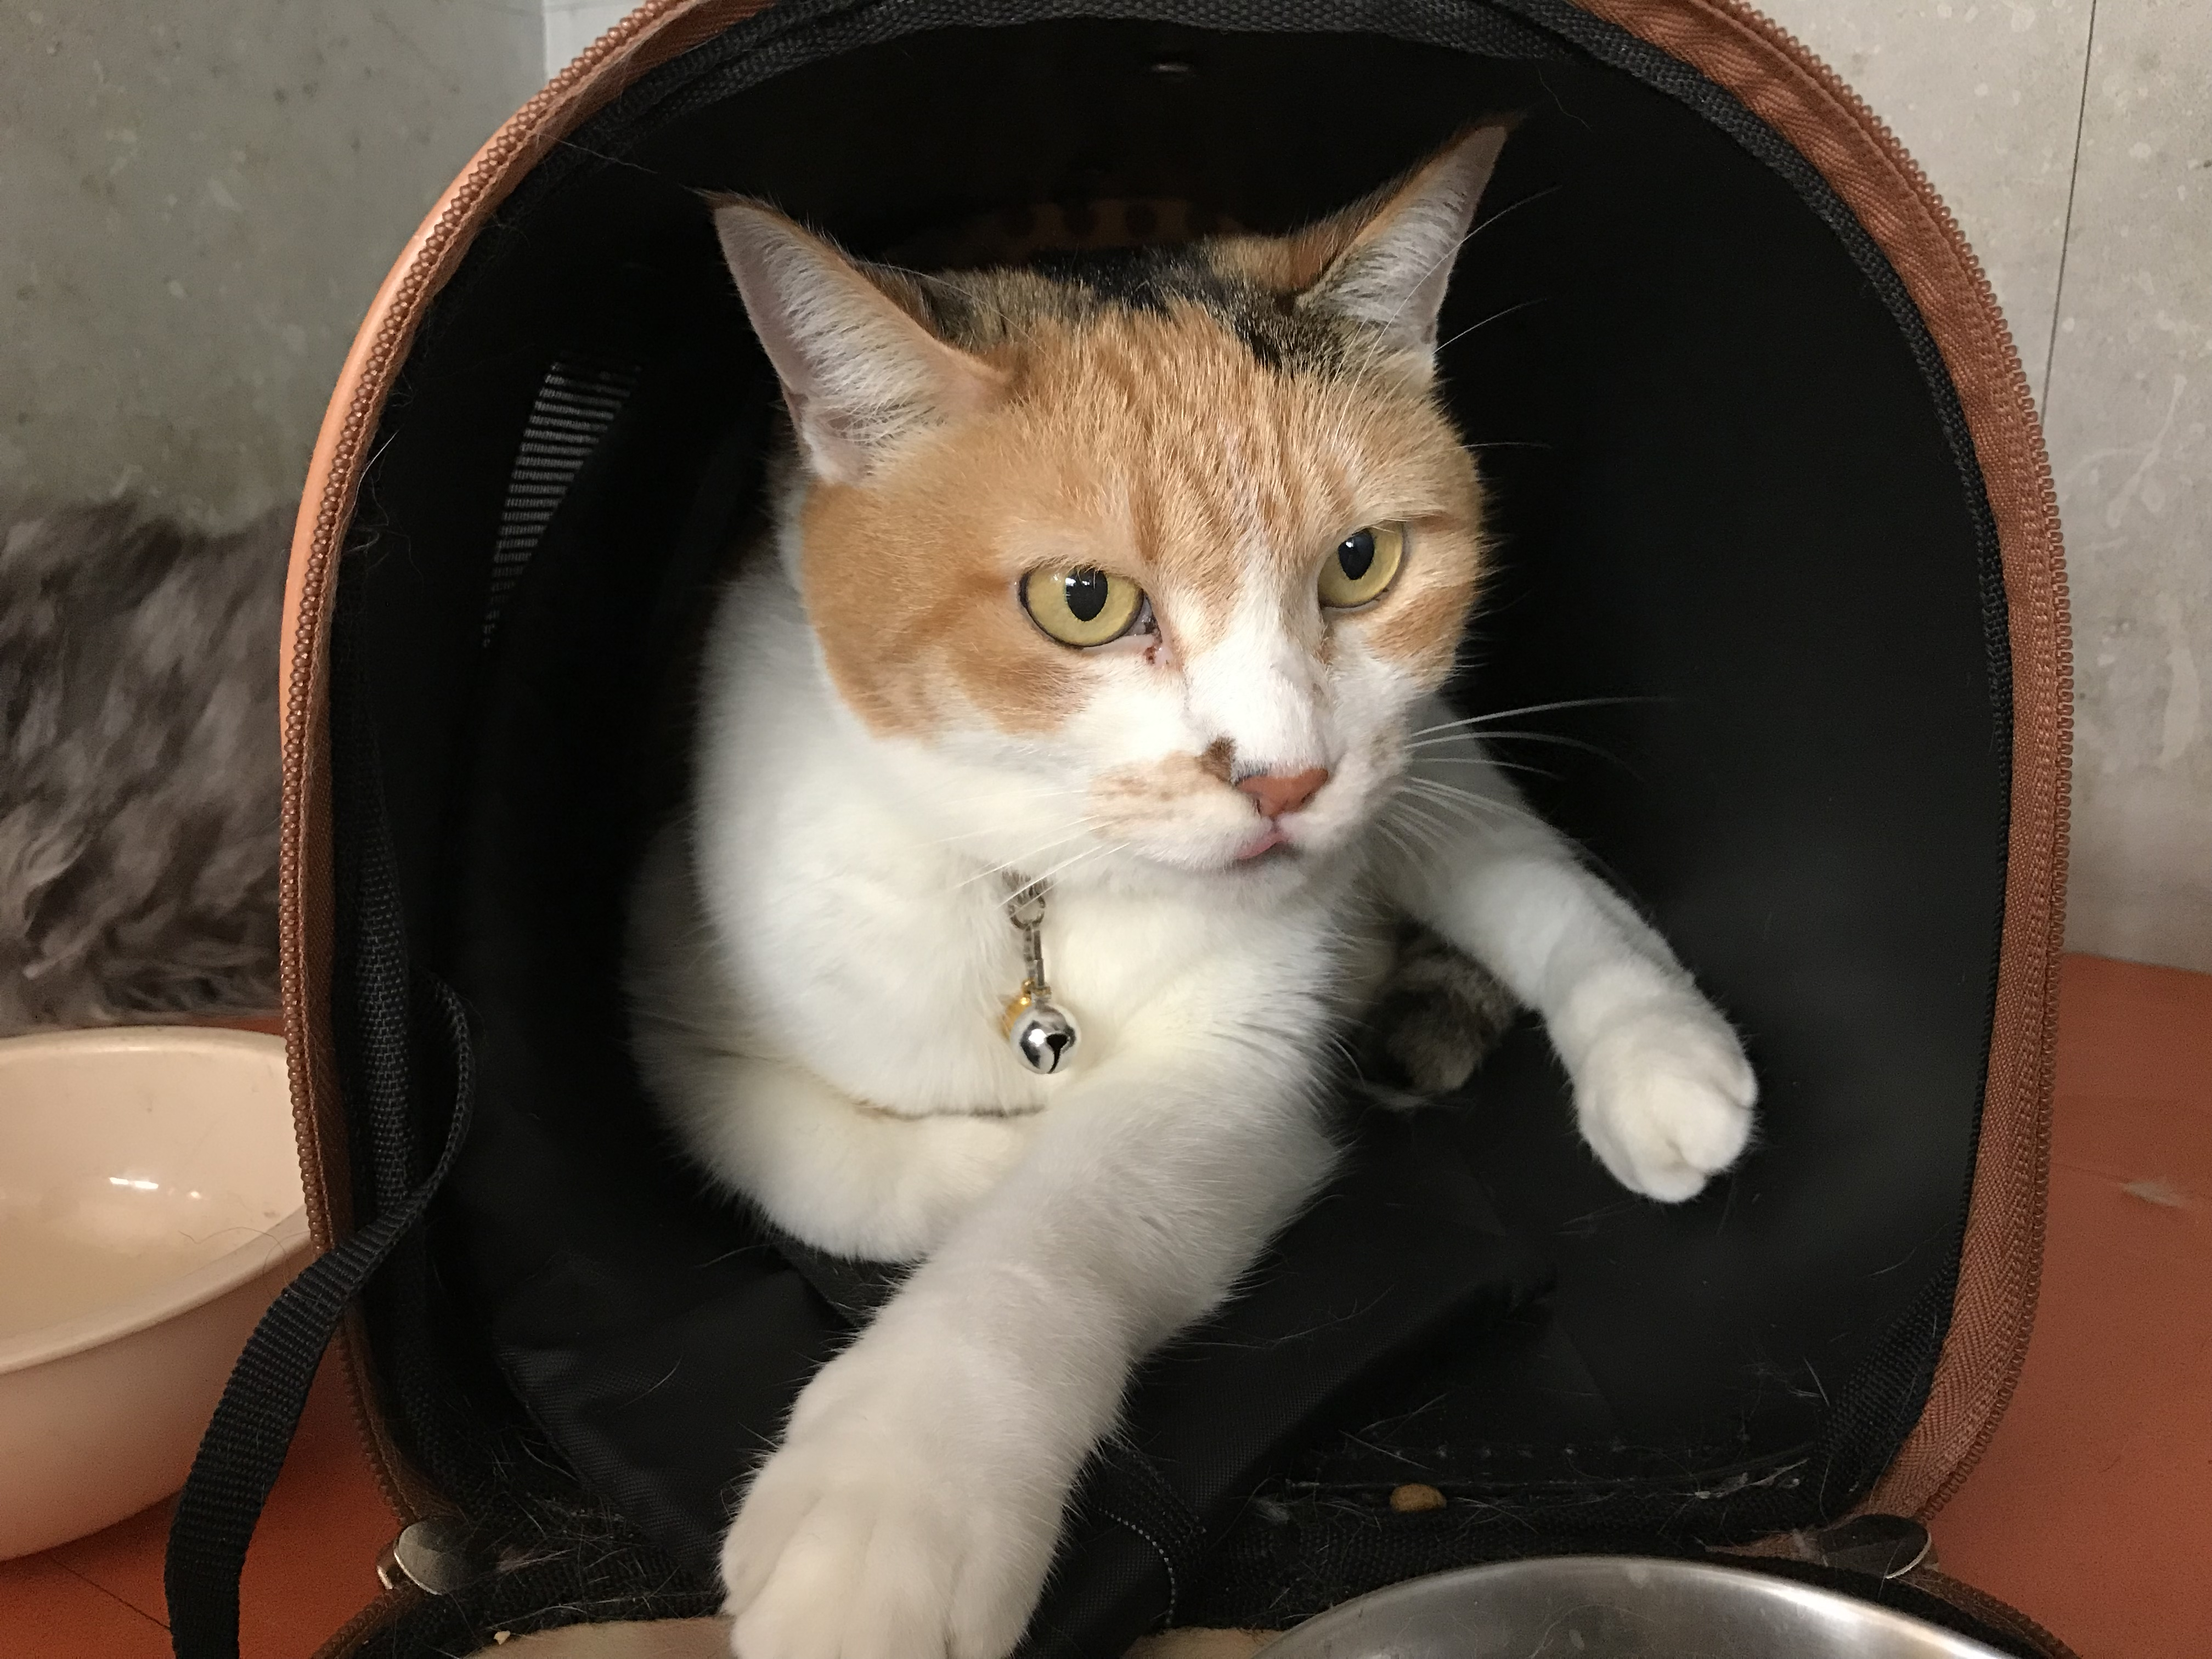 <p></p> <ul> <li>猫種:日本猫  三毛</li> <li>性別:女の子</li> <li>名前:ミーちゃん</li> <li>年齢:2008年9月</li> <li>保護経緯:飼い主様が入院されるため飼育困難になりました</li> </ul>